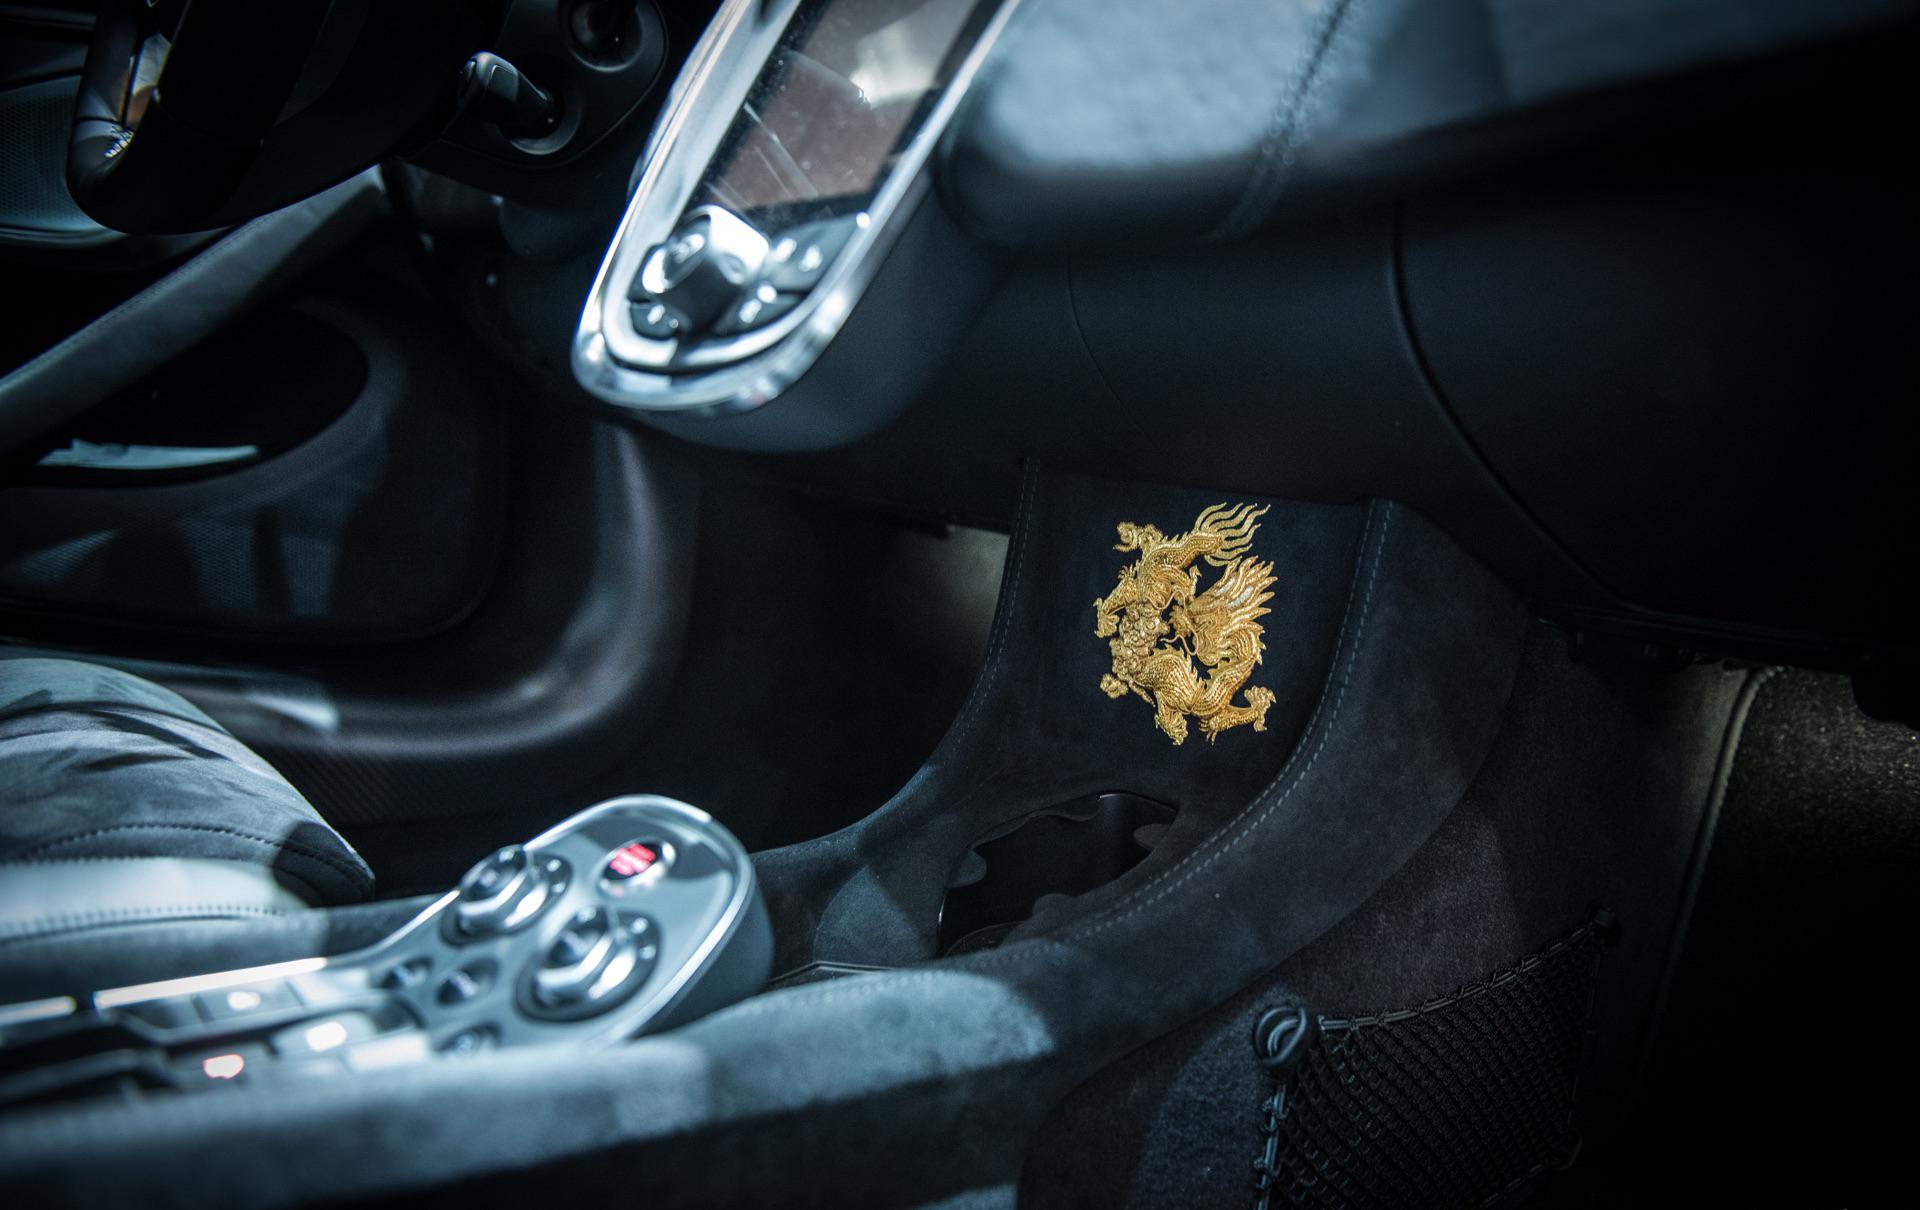 В интерьере подобным образом вышиты потрясающим и кропотливо-замысловатые драконы, украшающие заднюю багажную площадку, вышитую Кан Хуэйфангом. Над центральной консолью находится еще один золотой дракон. Неудивительно, что McLaren ожидает, что ограни